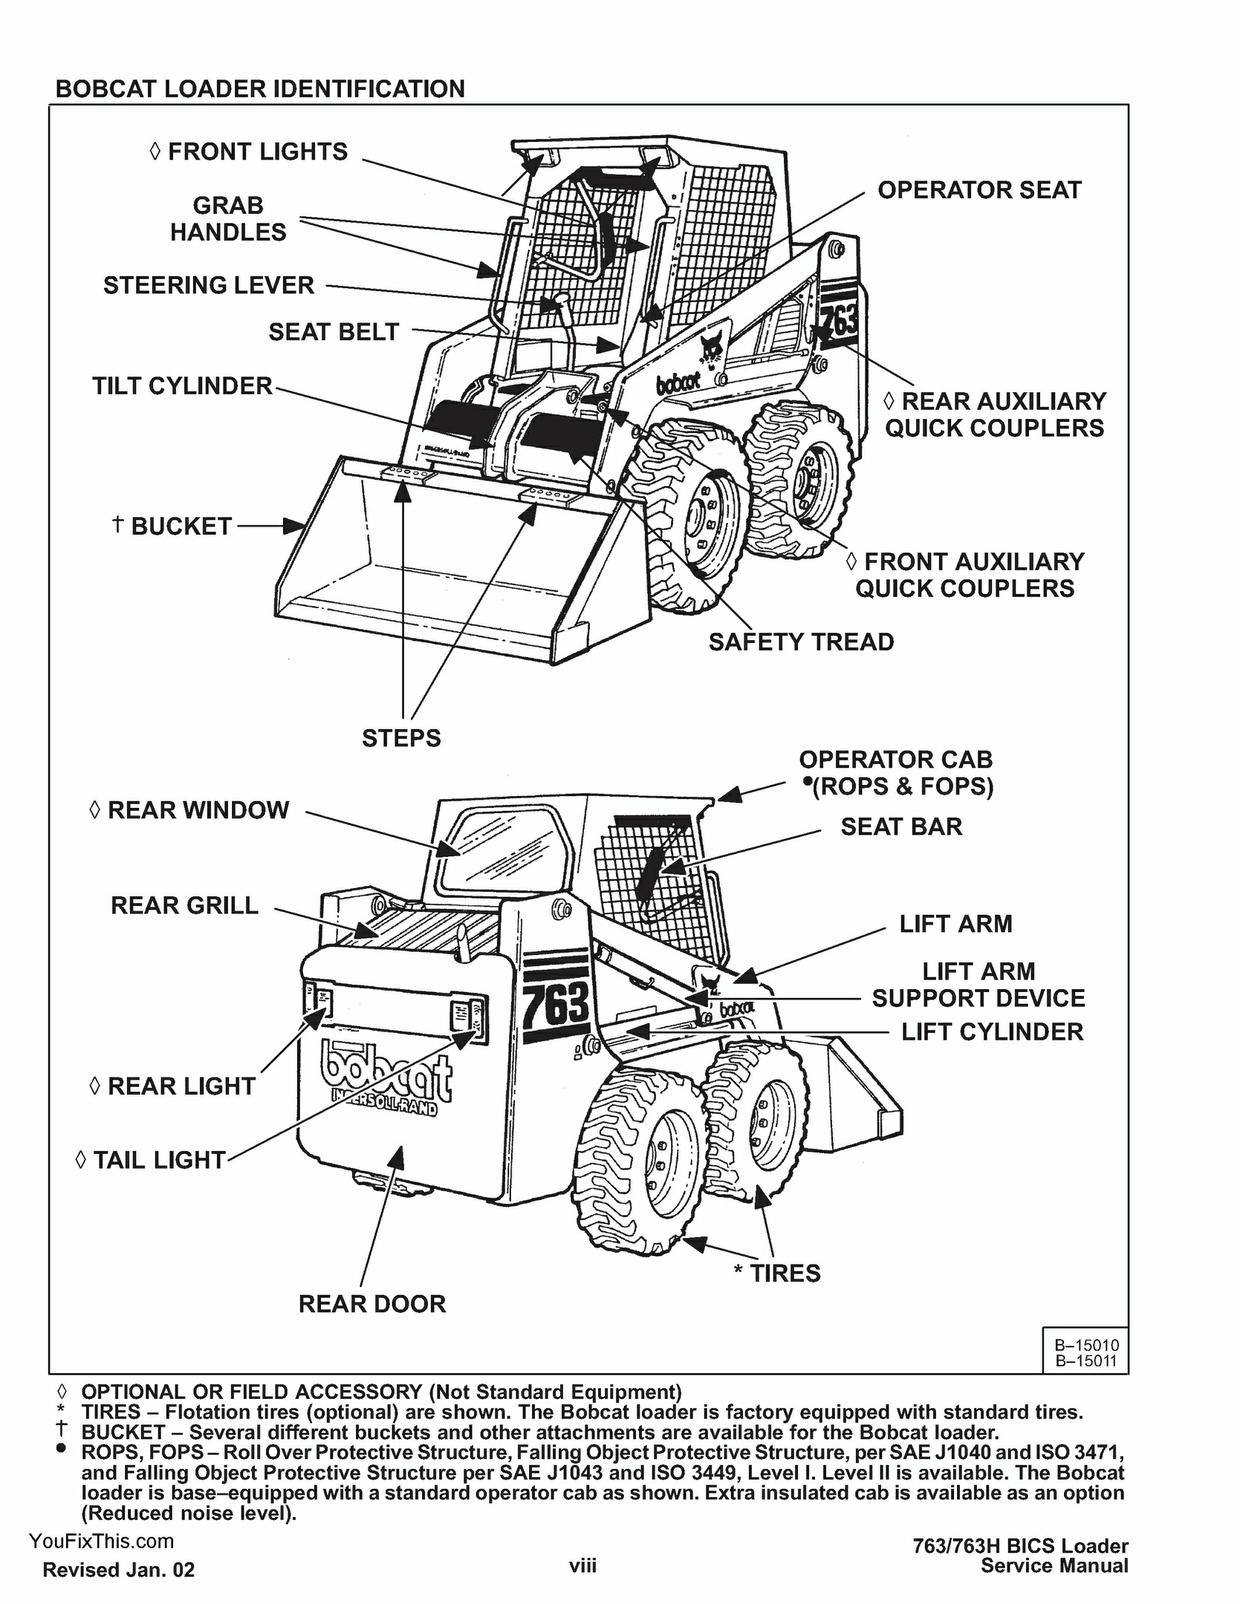 Bobcat 763 Skid Steer Loader Repair Service Manual